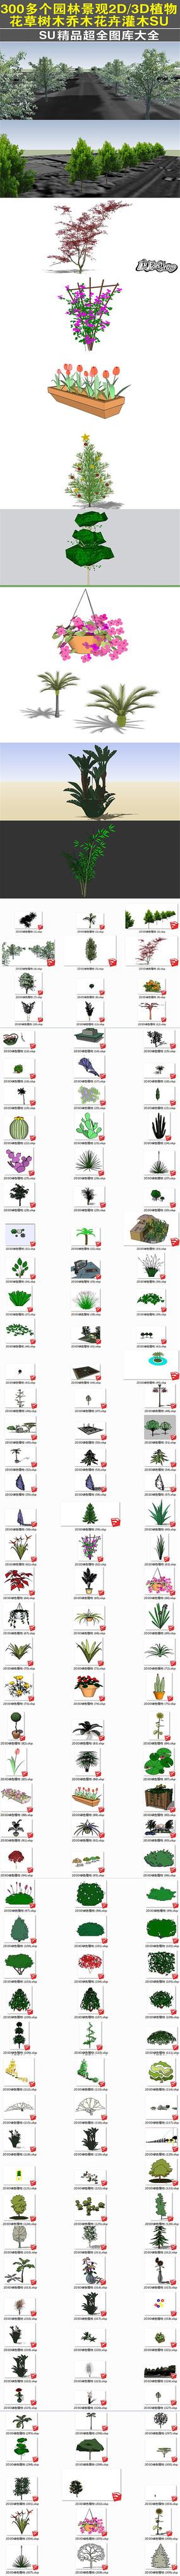 植物花草树木乔木花卉灌木